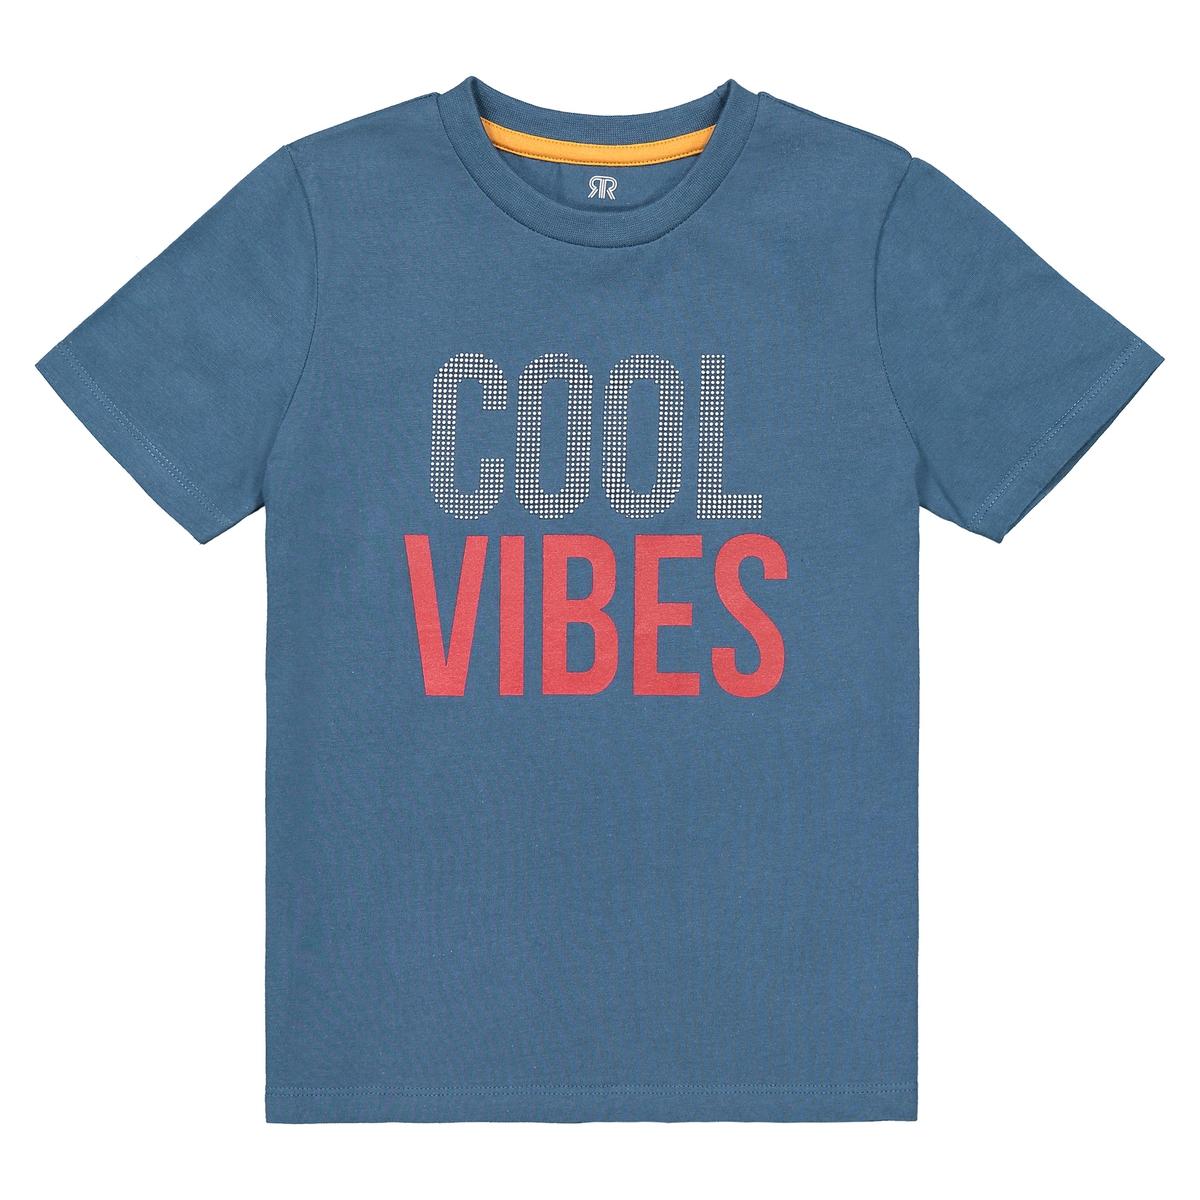 T-shirt de gola redonda, mensagem estampada à frente, 3-12 anos